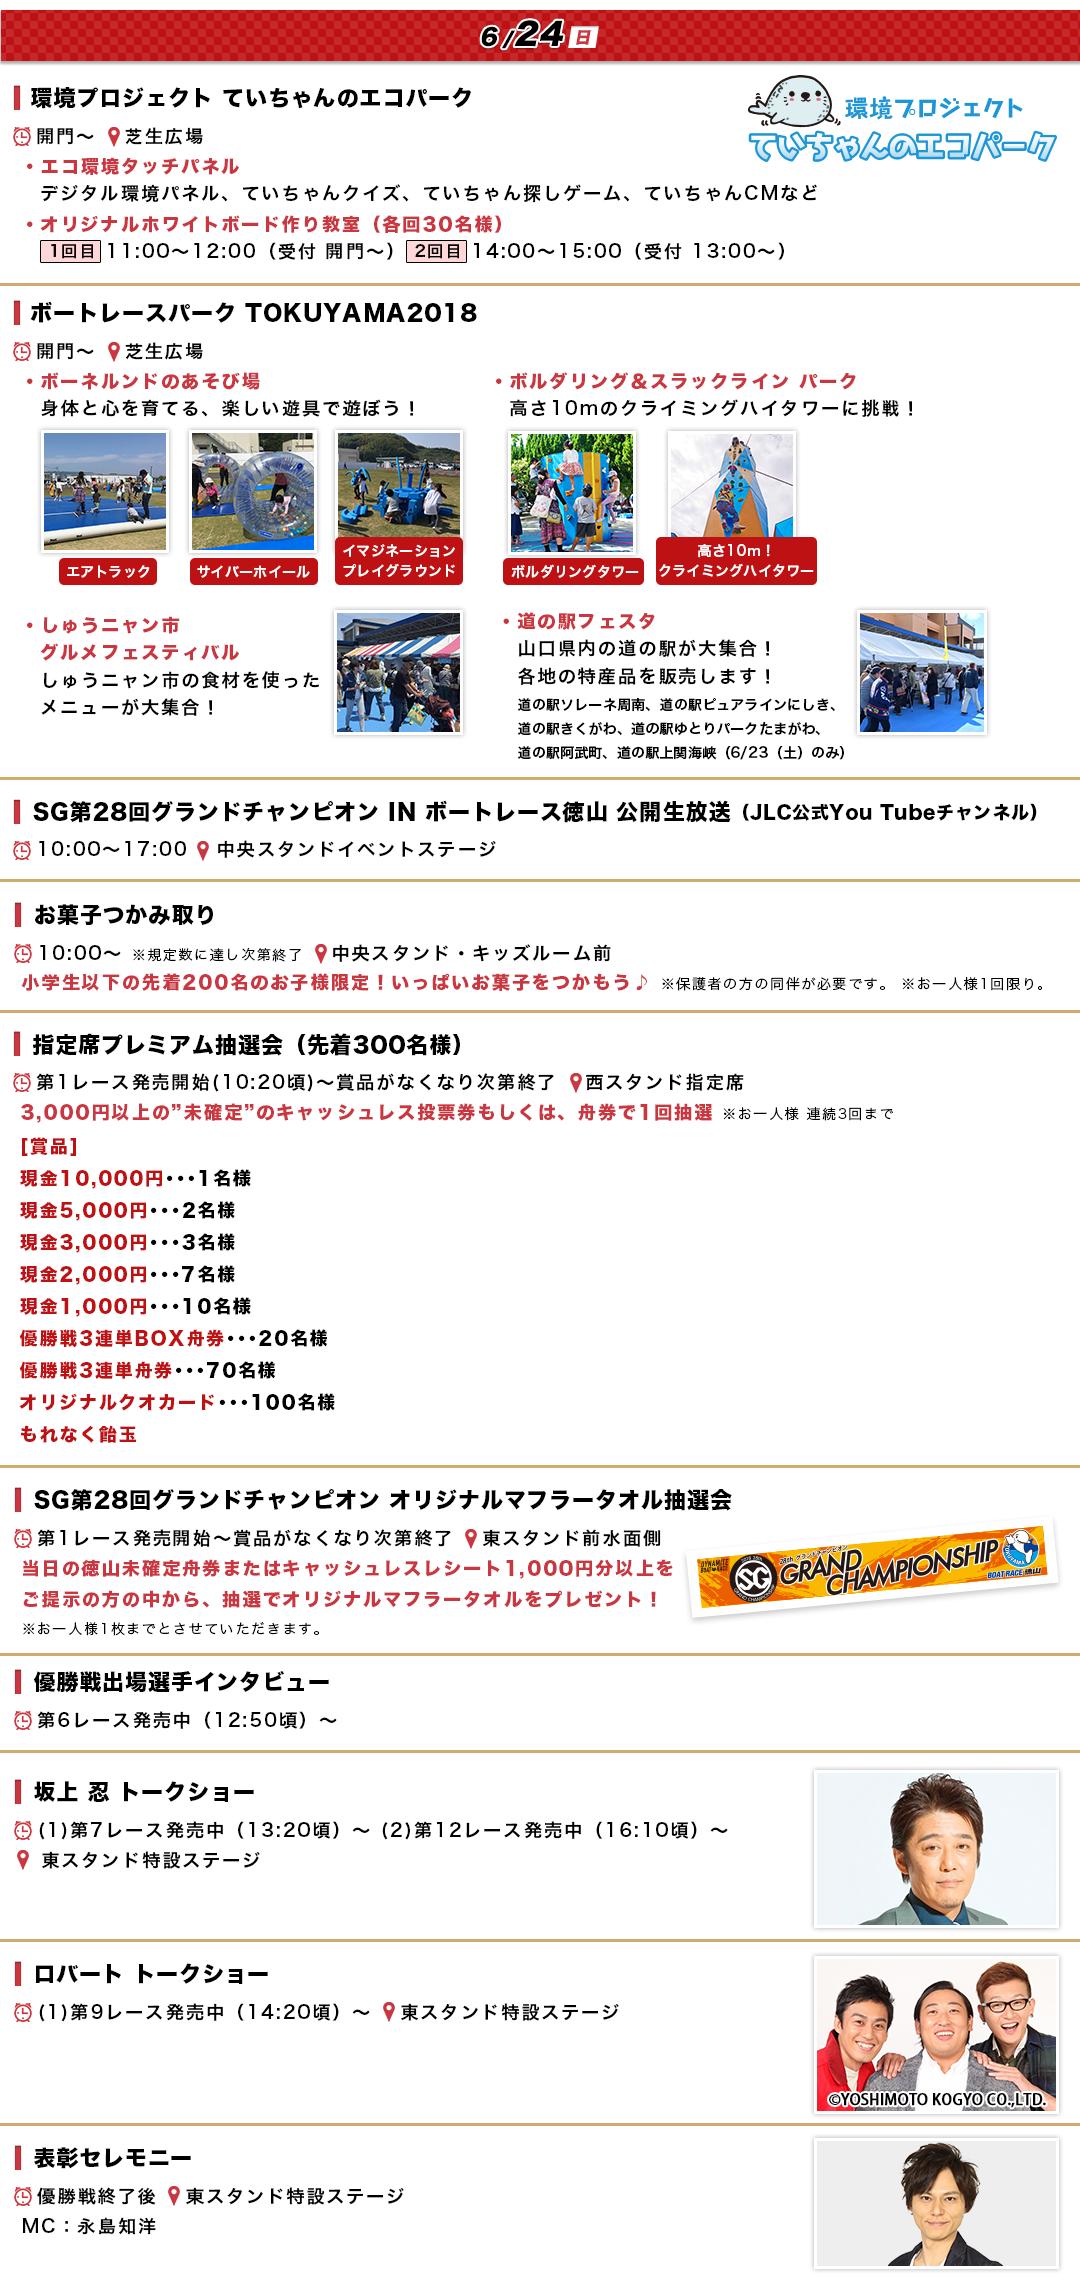 徳山SGグランドチャンピオンのイベント情報(最終日)